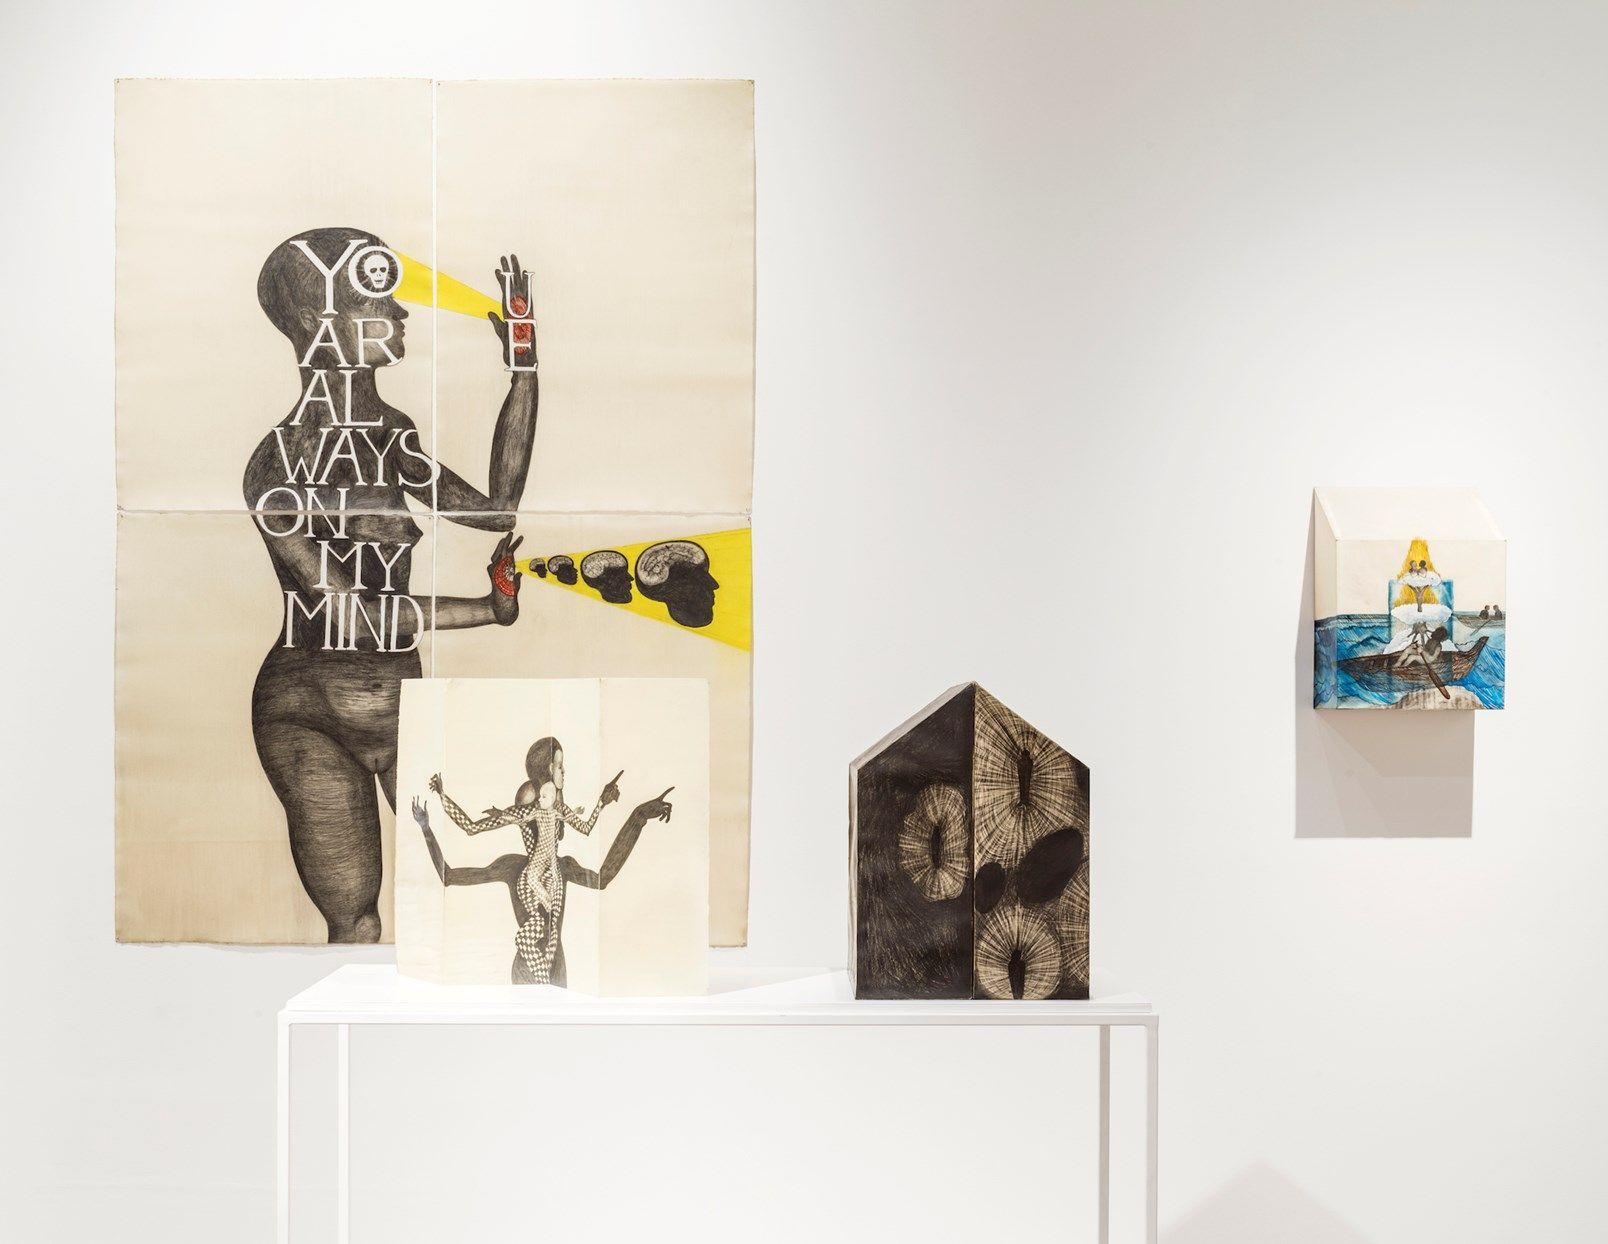 Room_Sandra Vasquez de la Horra - Ph. © Leonardo Morfini